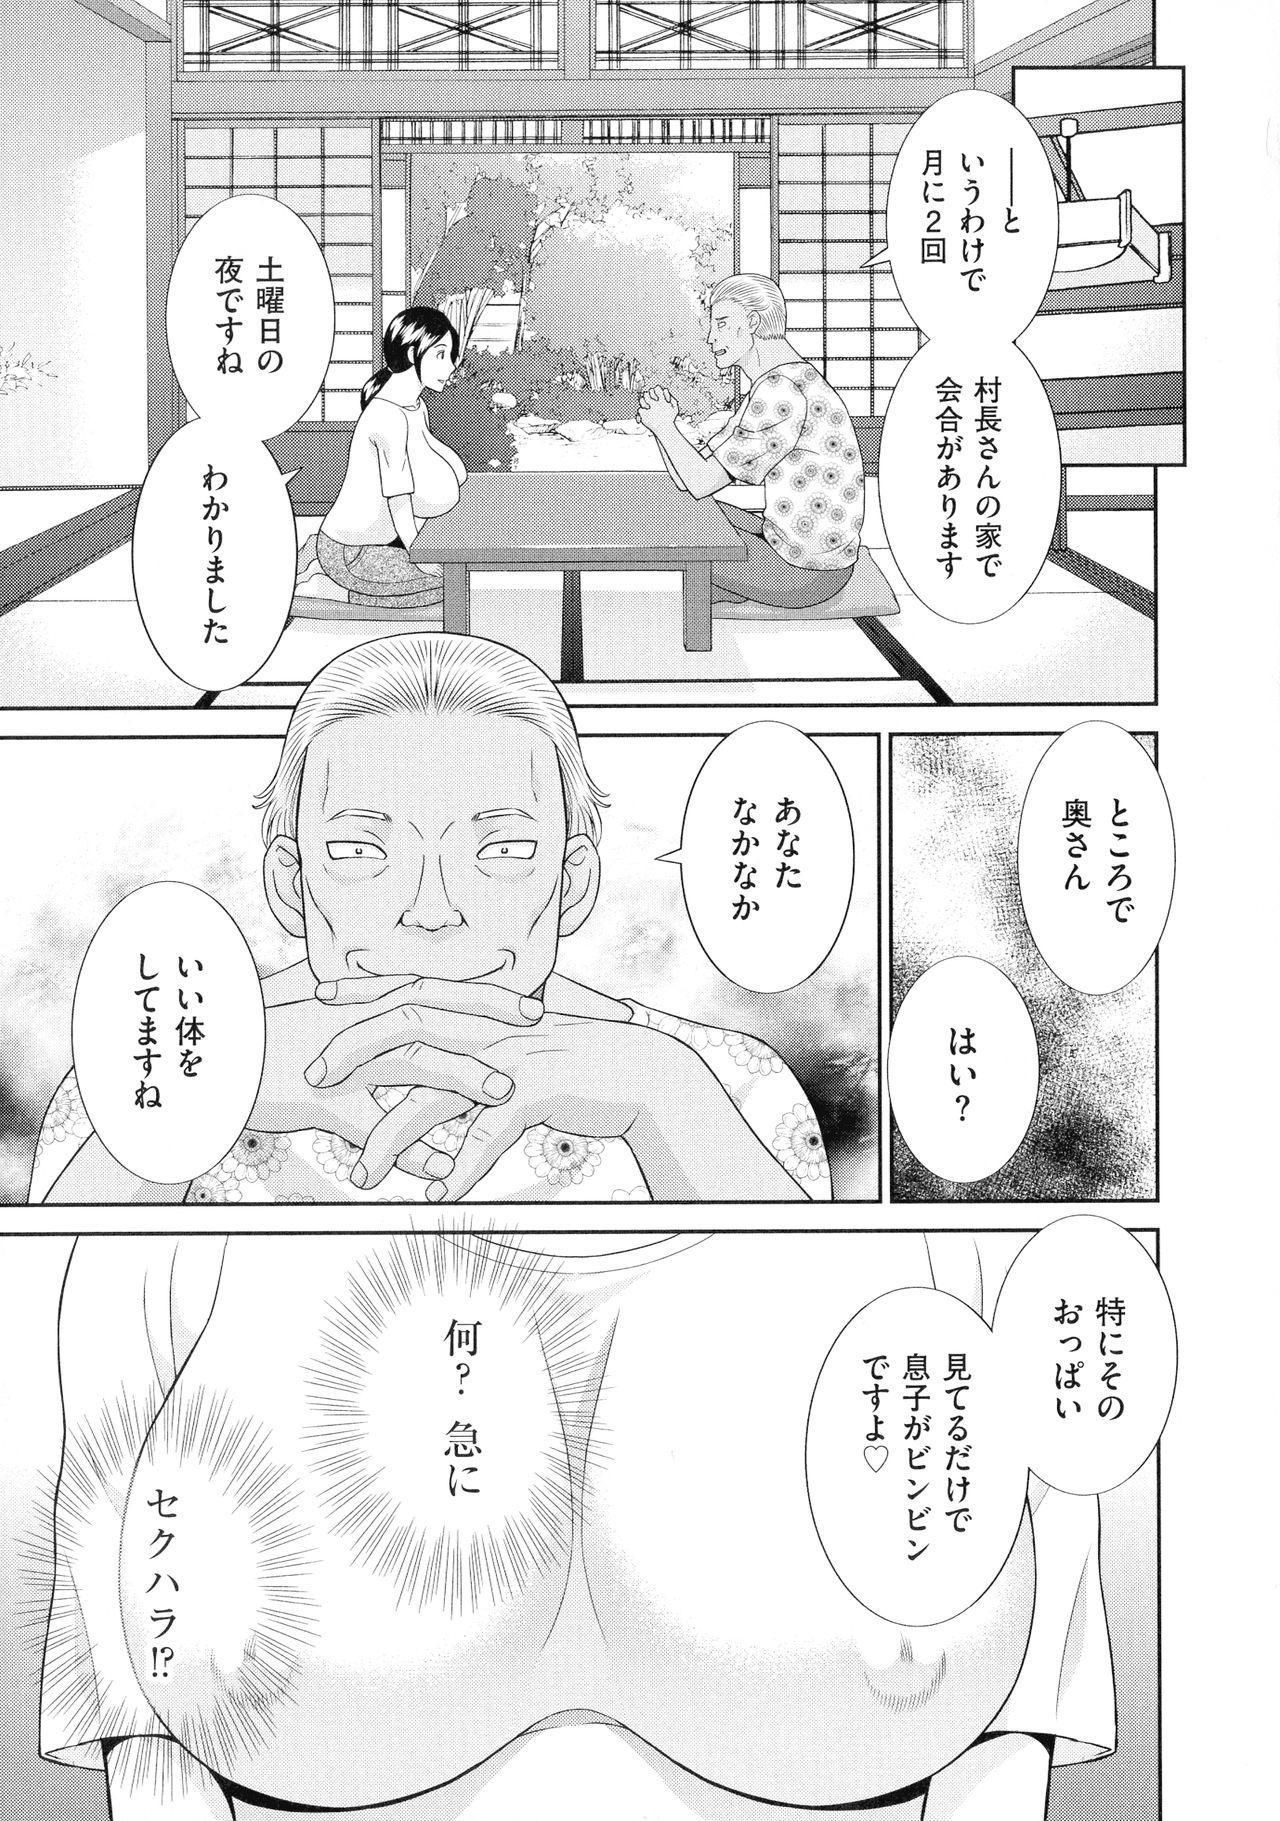 Tennen Torokeru Hatsujozuma 81